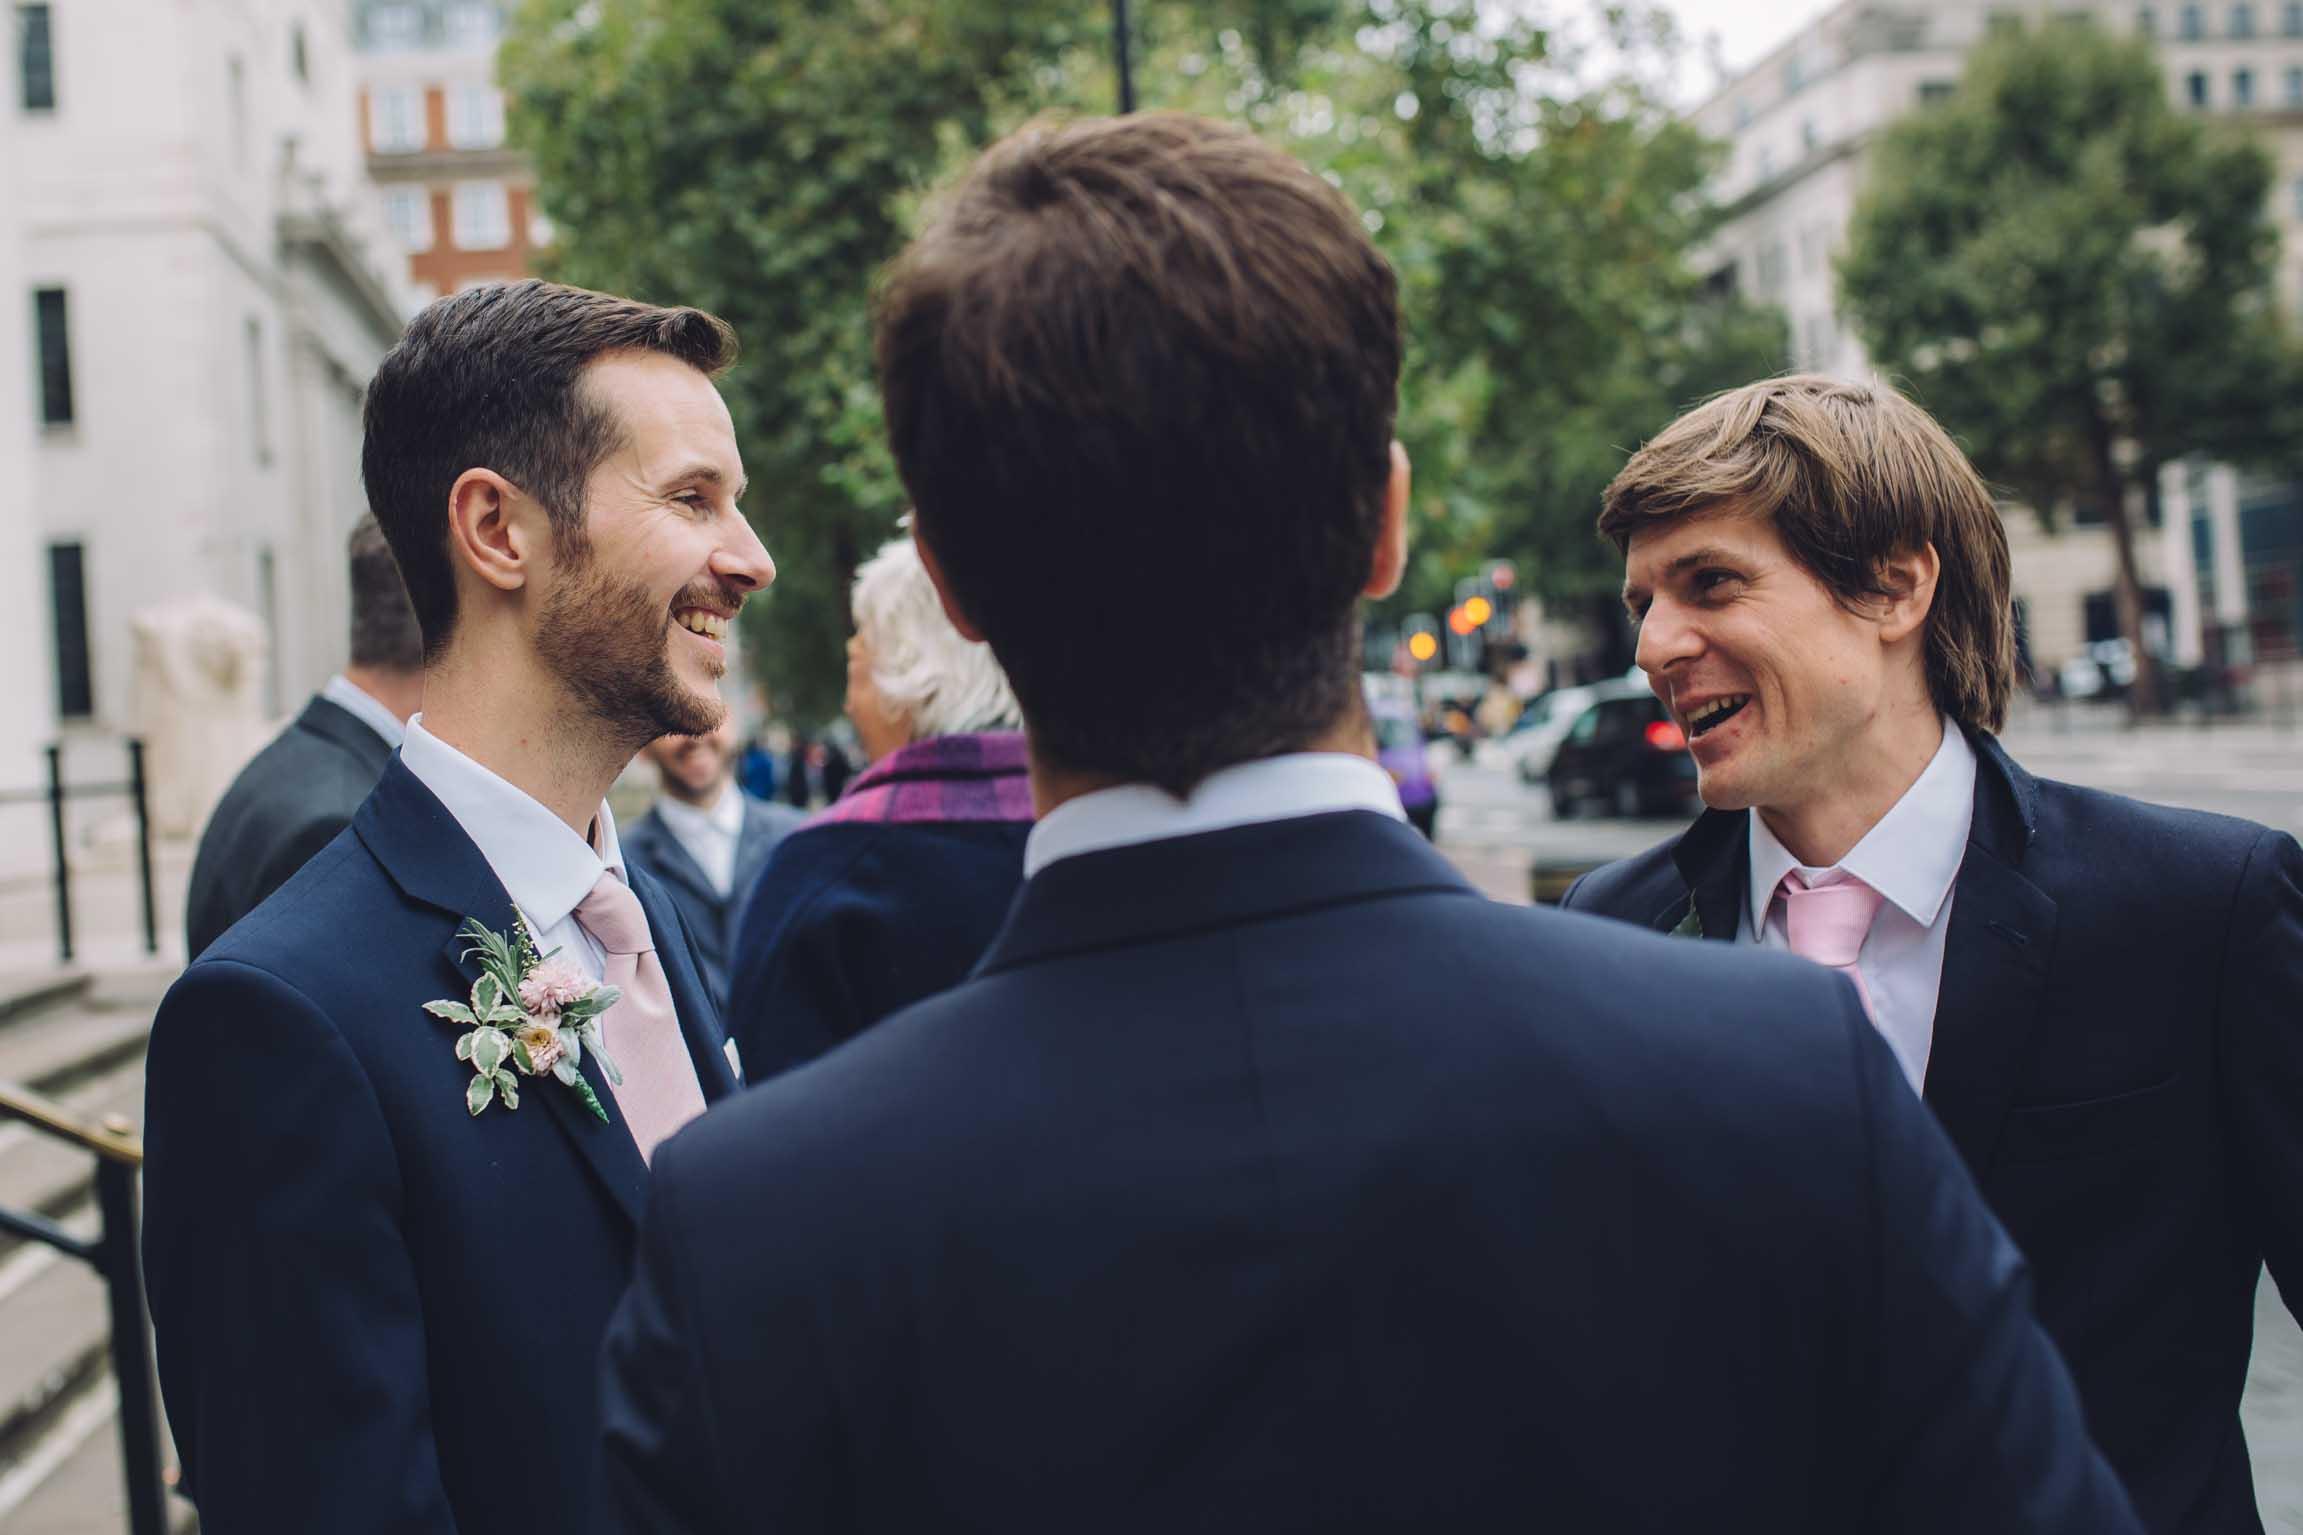 Outside London Wedding